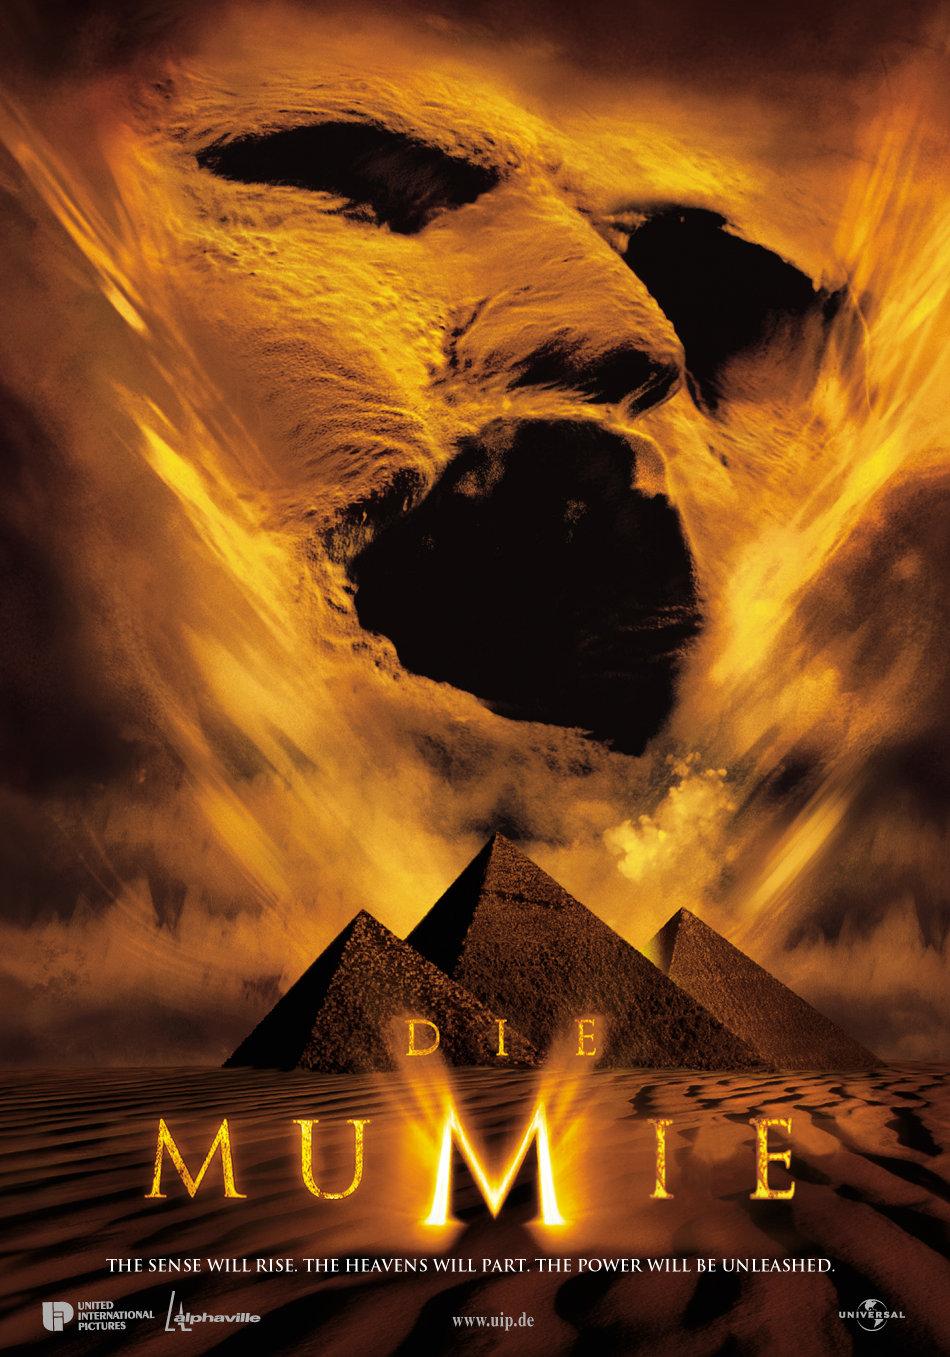 Die Mumie » Filminfo » BlairWitch.de » Moviebase